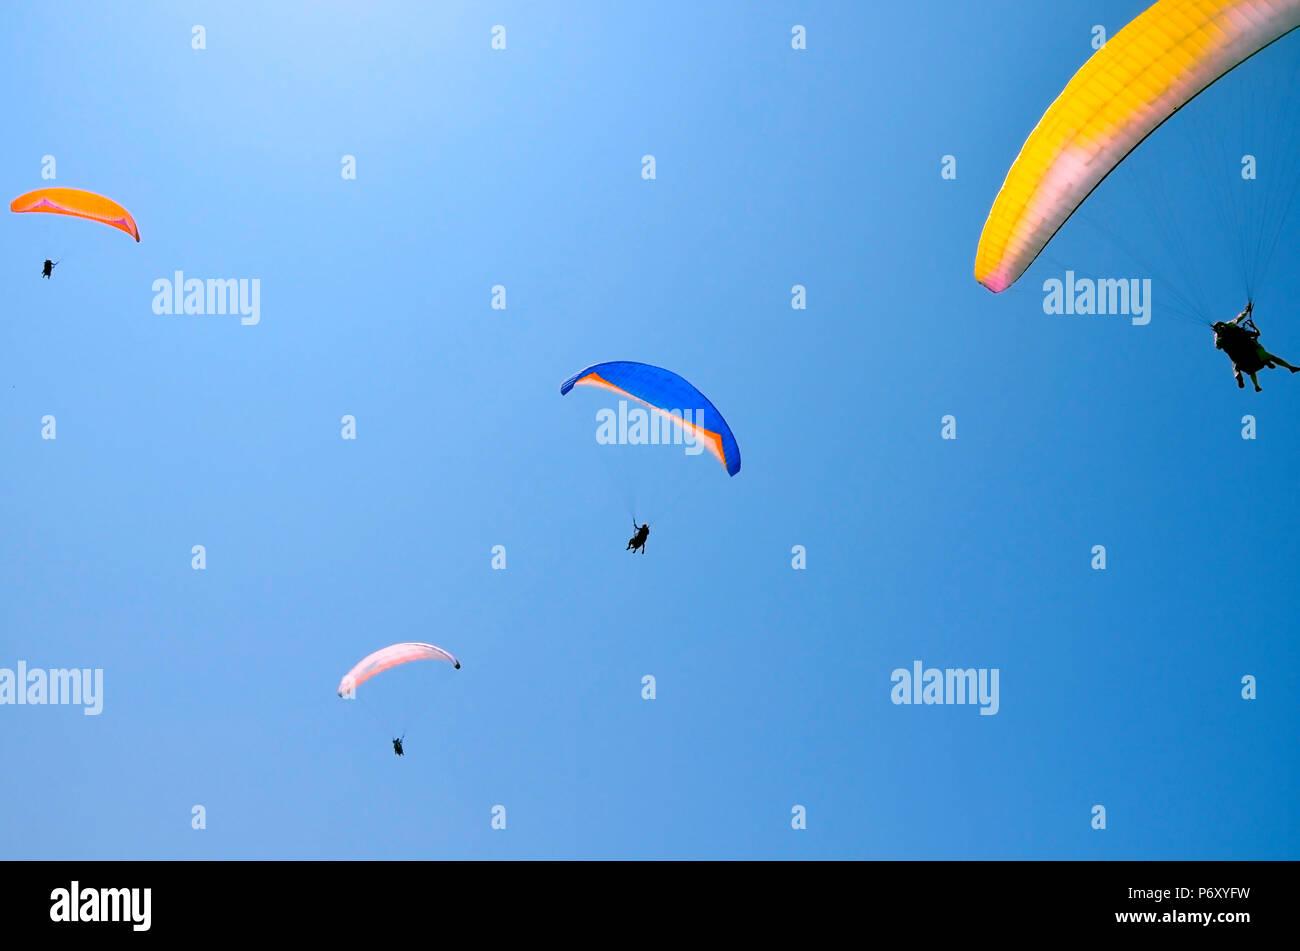 Paroplane Gruppe gegen den blauen Himmel fliegen. Über dem Mittelmeer, Israel. Extreme Sport, das Leben genießen, schätzen die Zeit, Tandem Paragliding, Stockbild